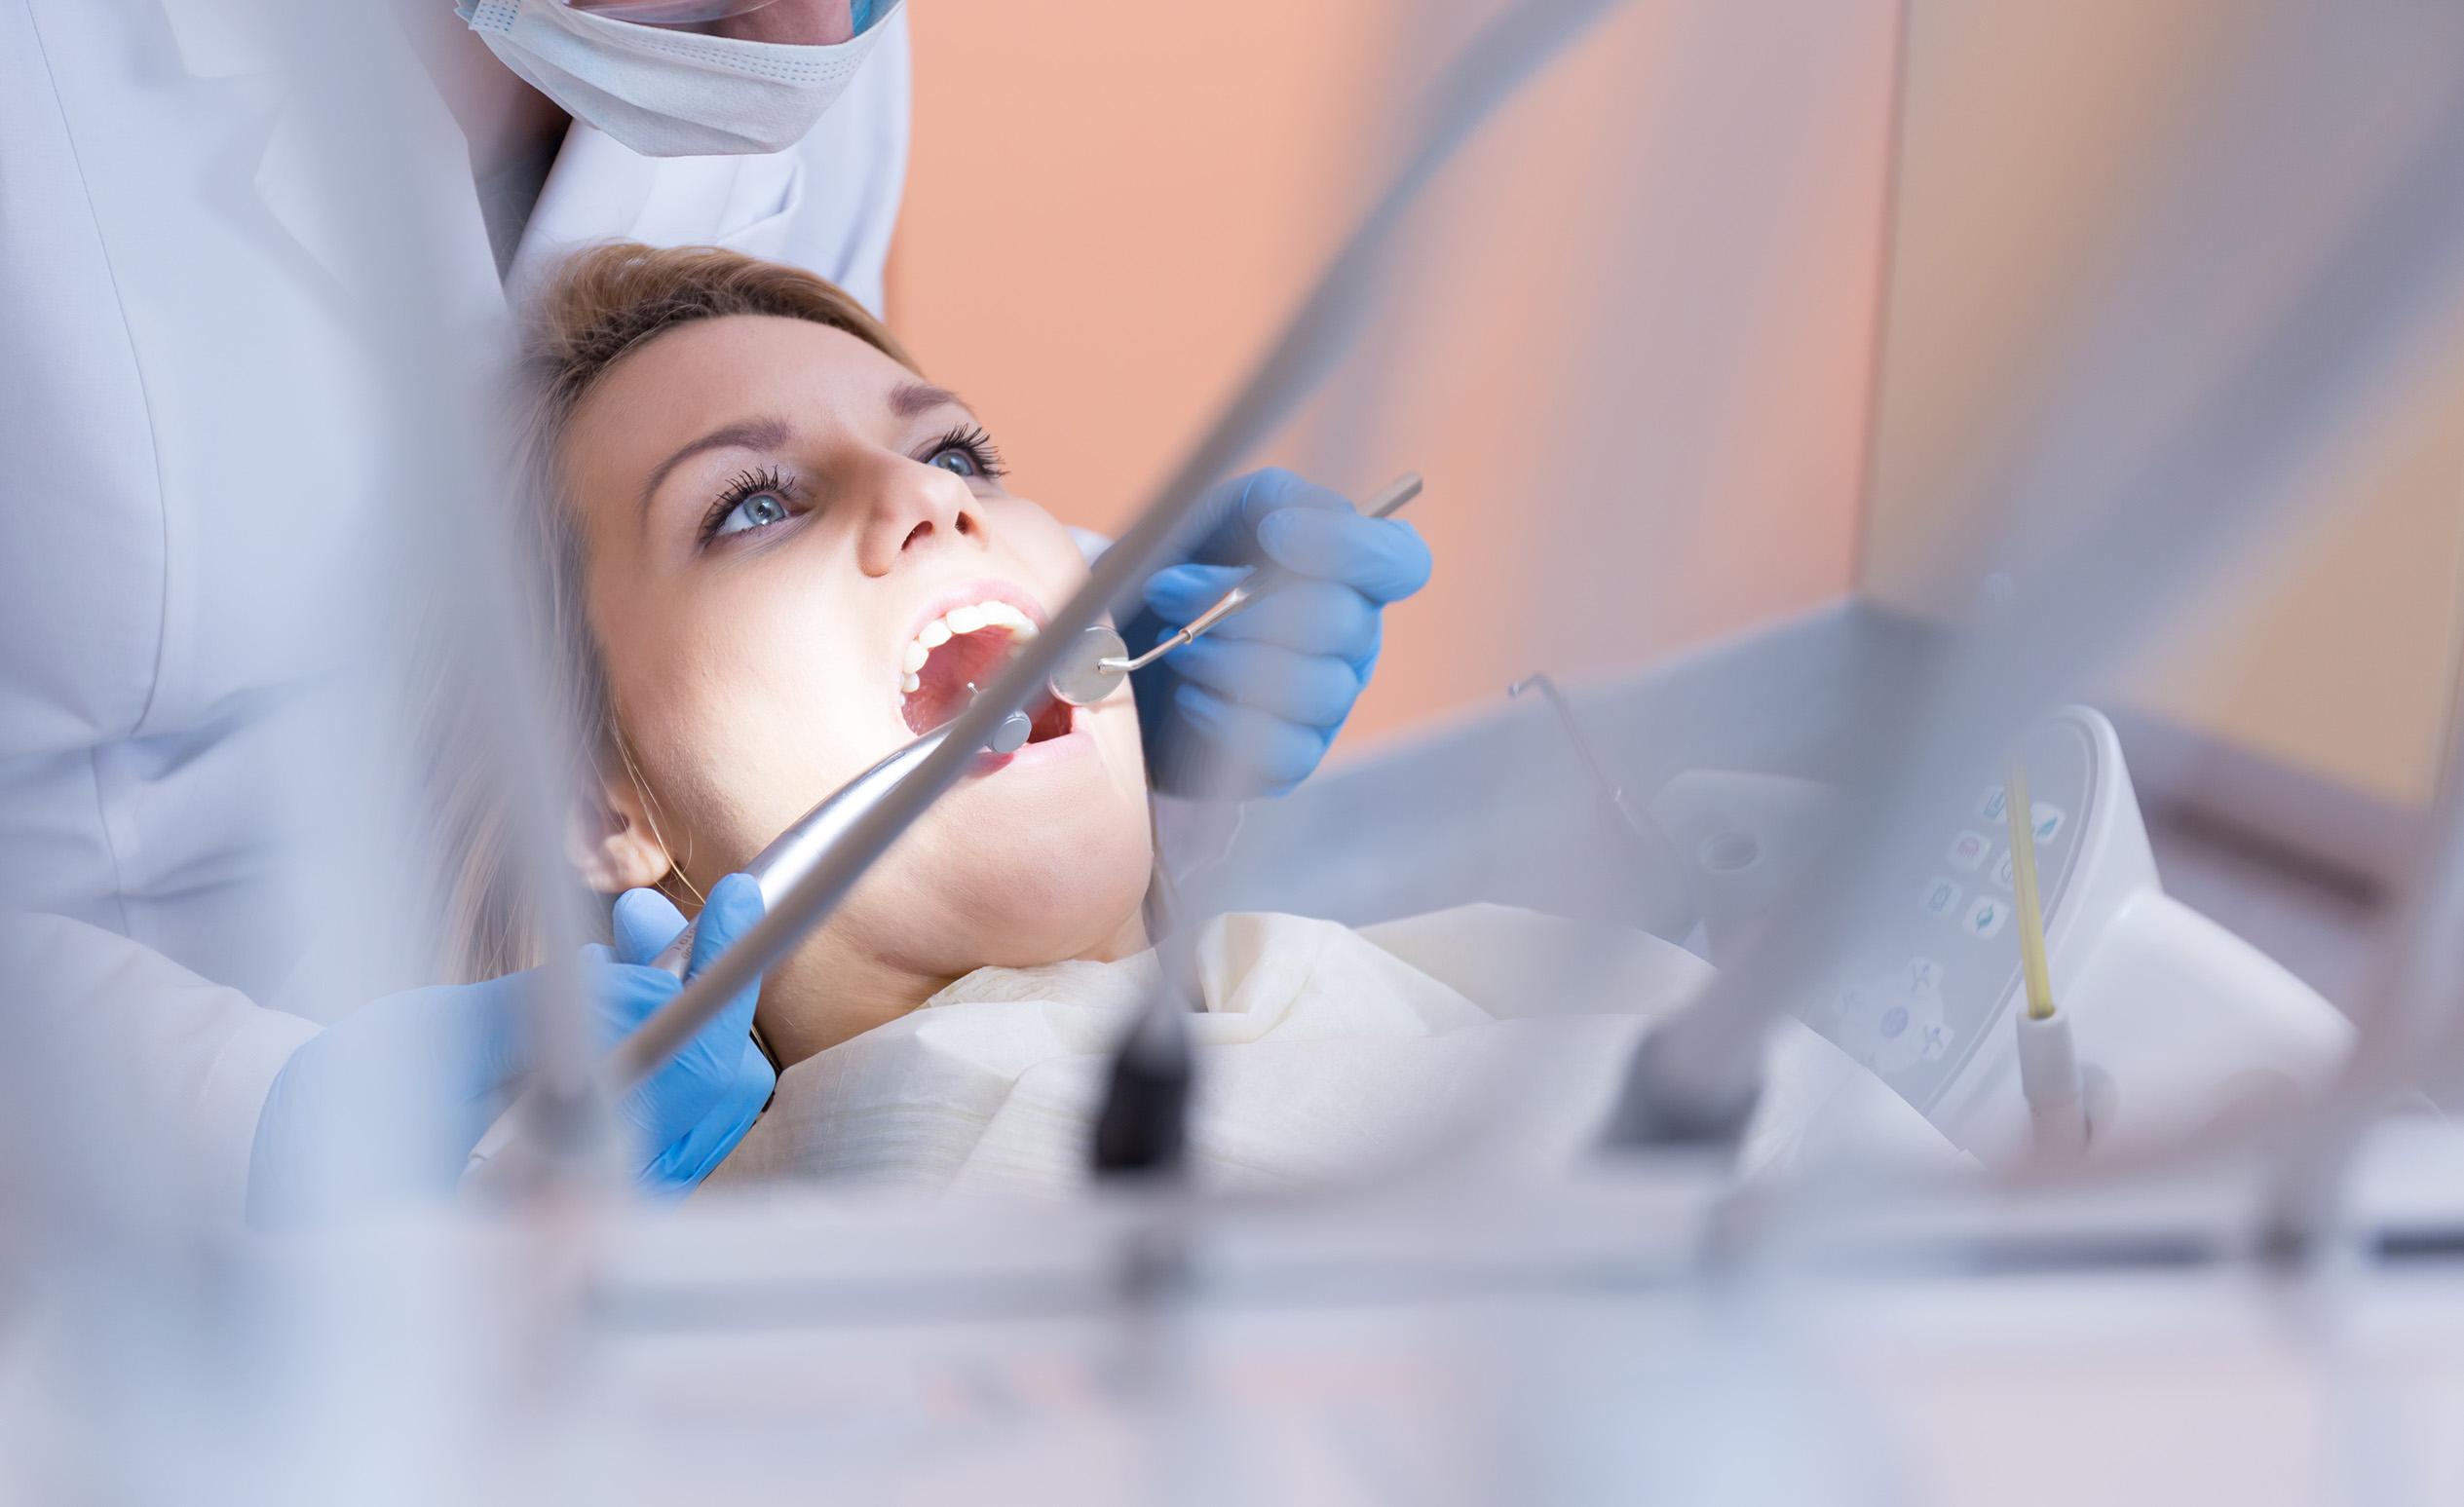 Fúrjak egy kék szemű nőnek fogát a budapesti fogorvosi rendelőben.